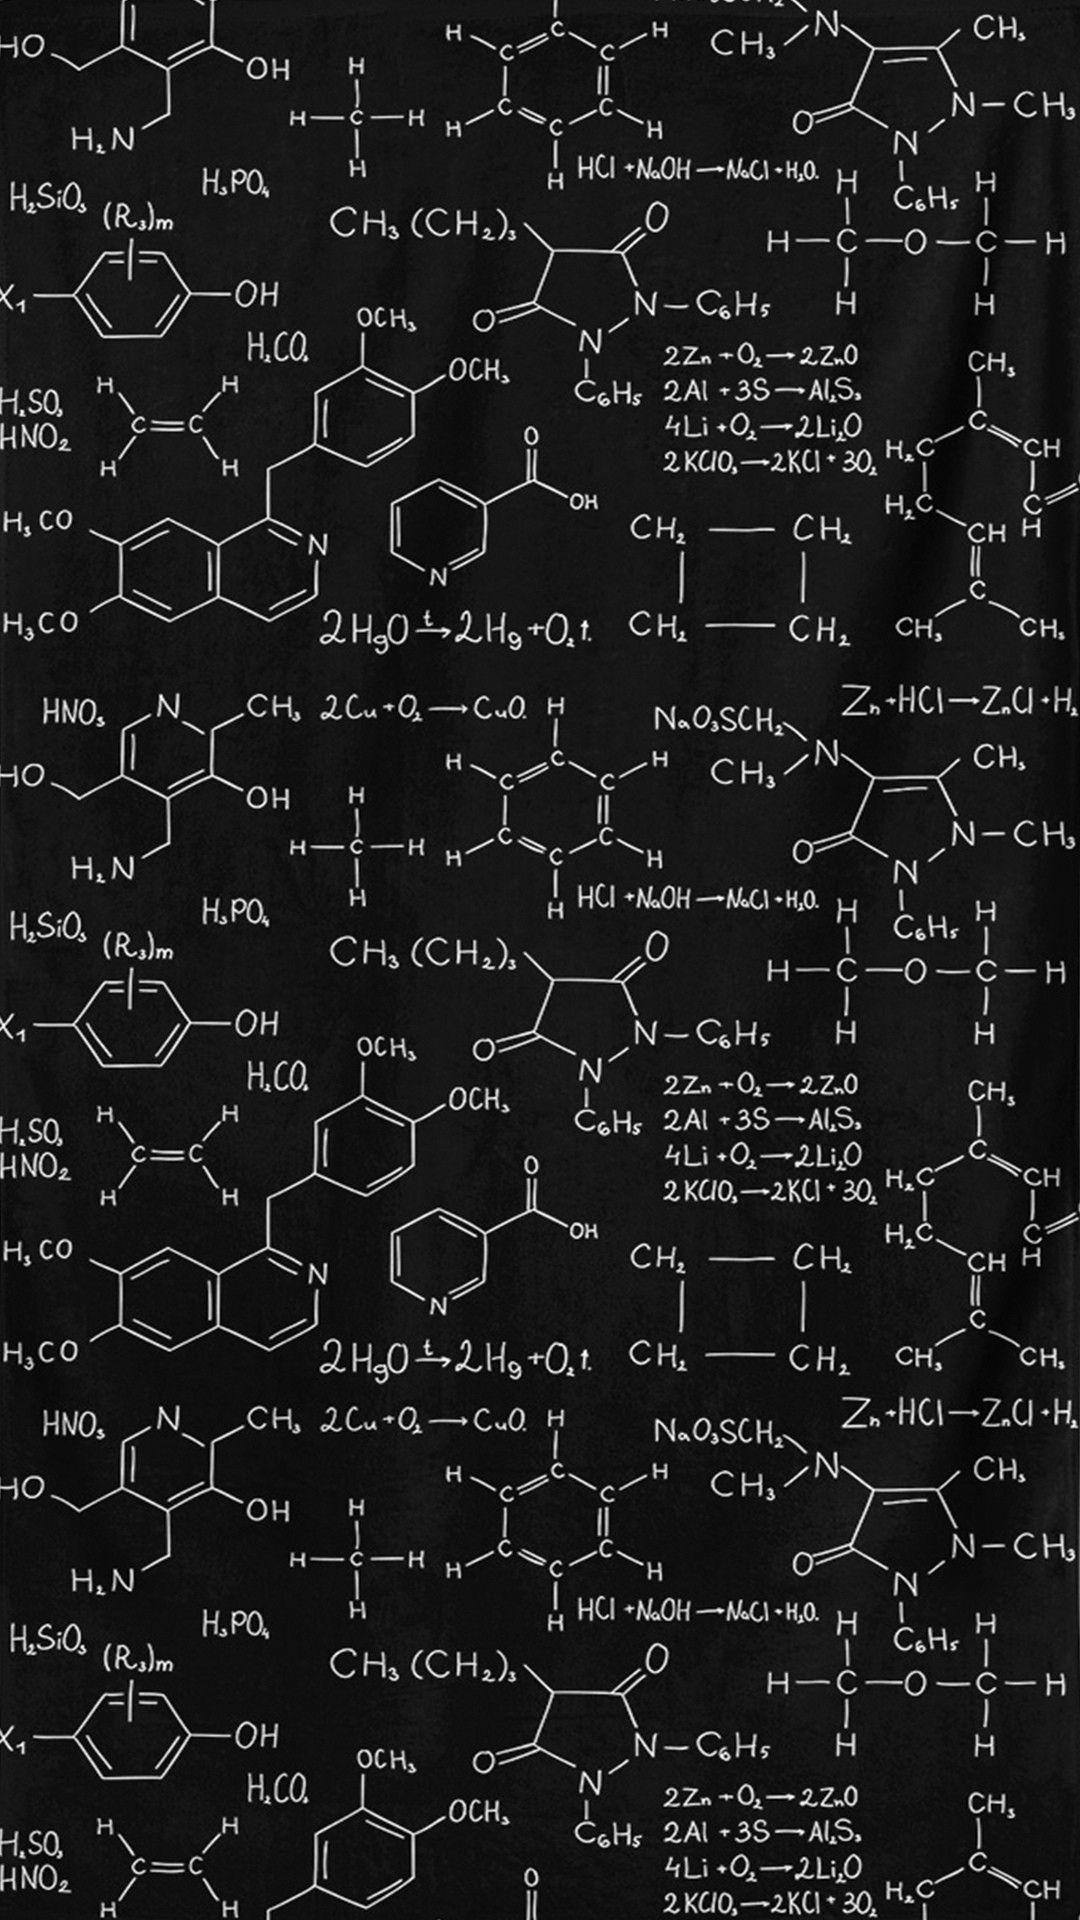 Pin Oleh Ilya Di Oboi Kimia Fisika Rumus Kimia Ultra hd 1080p periodic table hd image